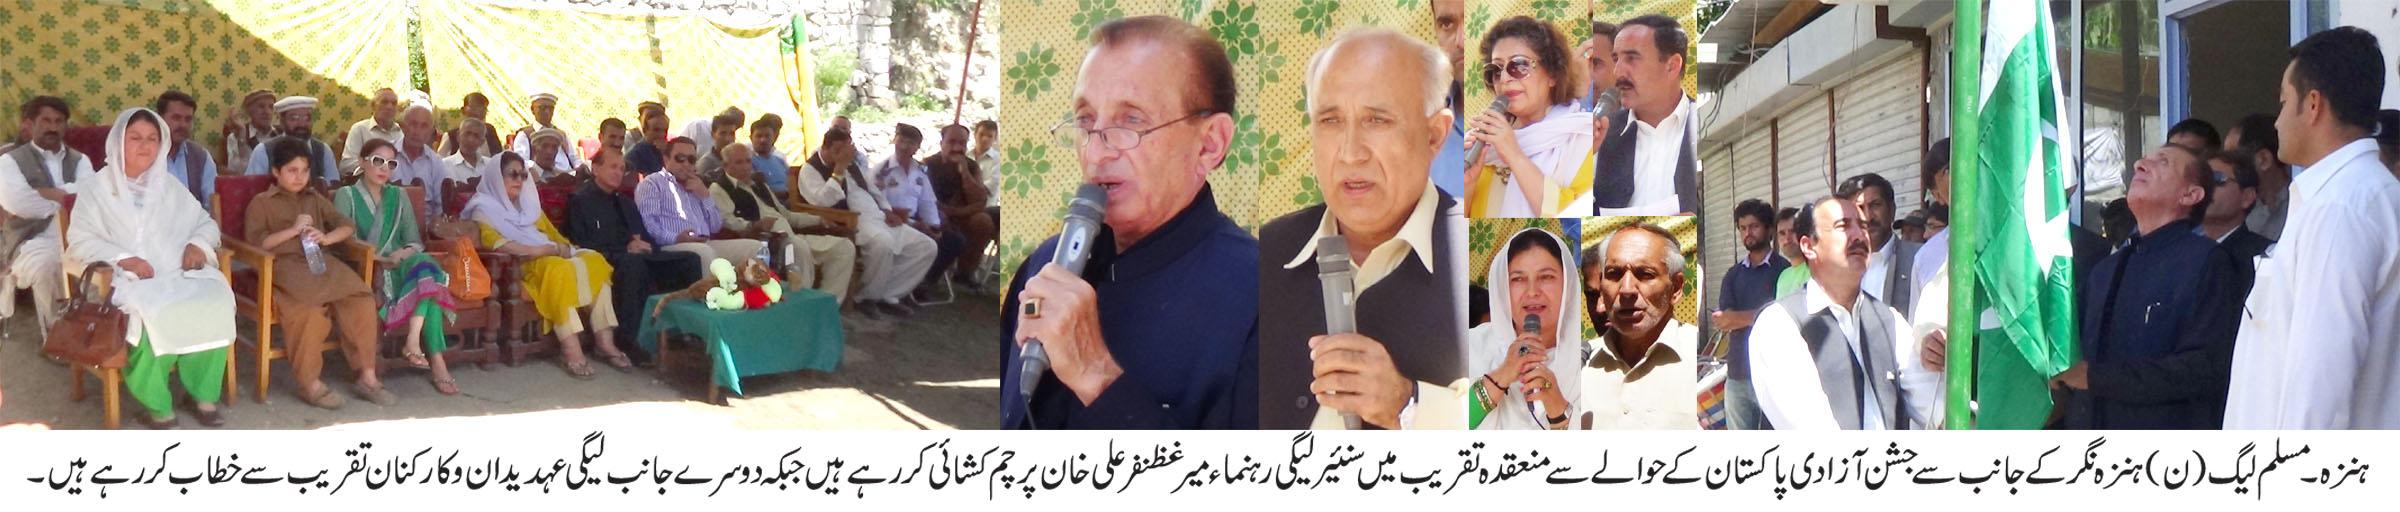 پاکستان کے ساتھ الحاق کی دستاویزات میرے پاس موجود ہیں، میر غضنفر کا تقریب جشن آزادی سے خطاب